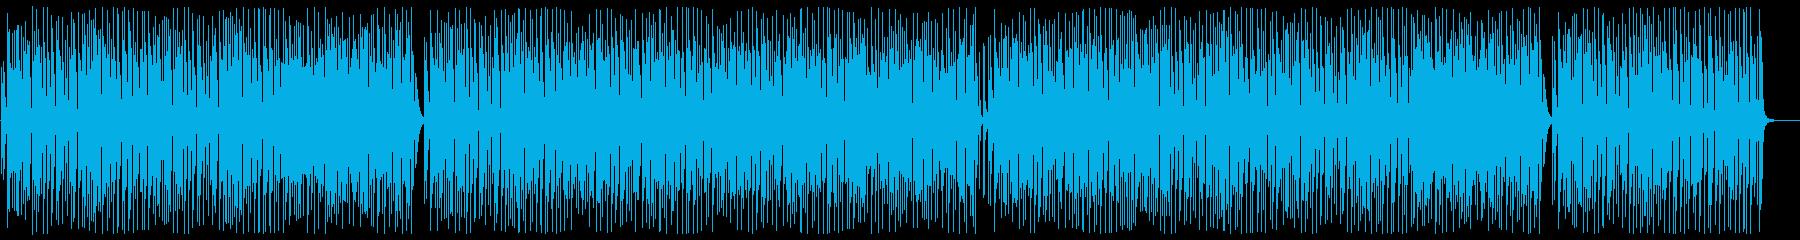 ノリがよくお洒落カワイイ曲の再生済みの波形